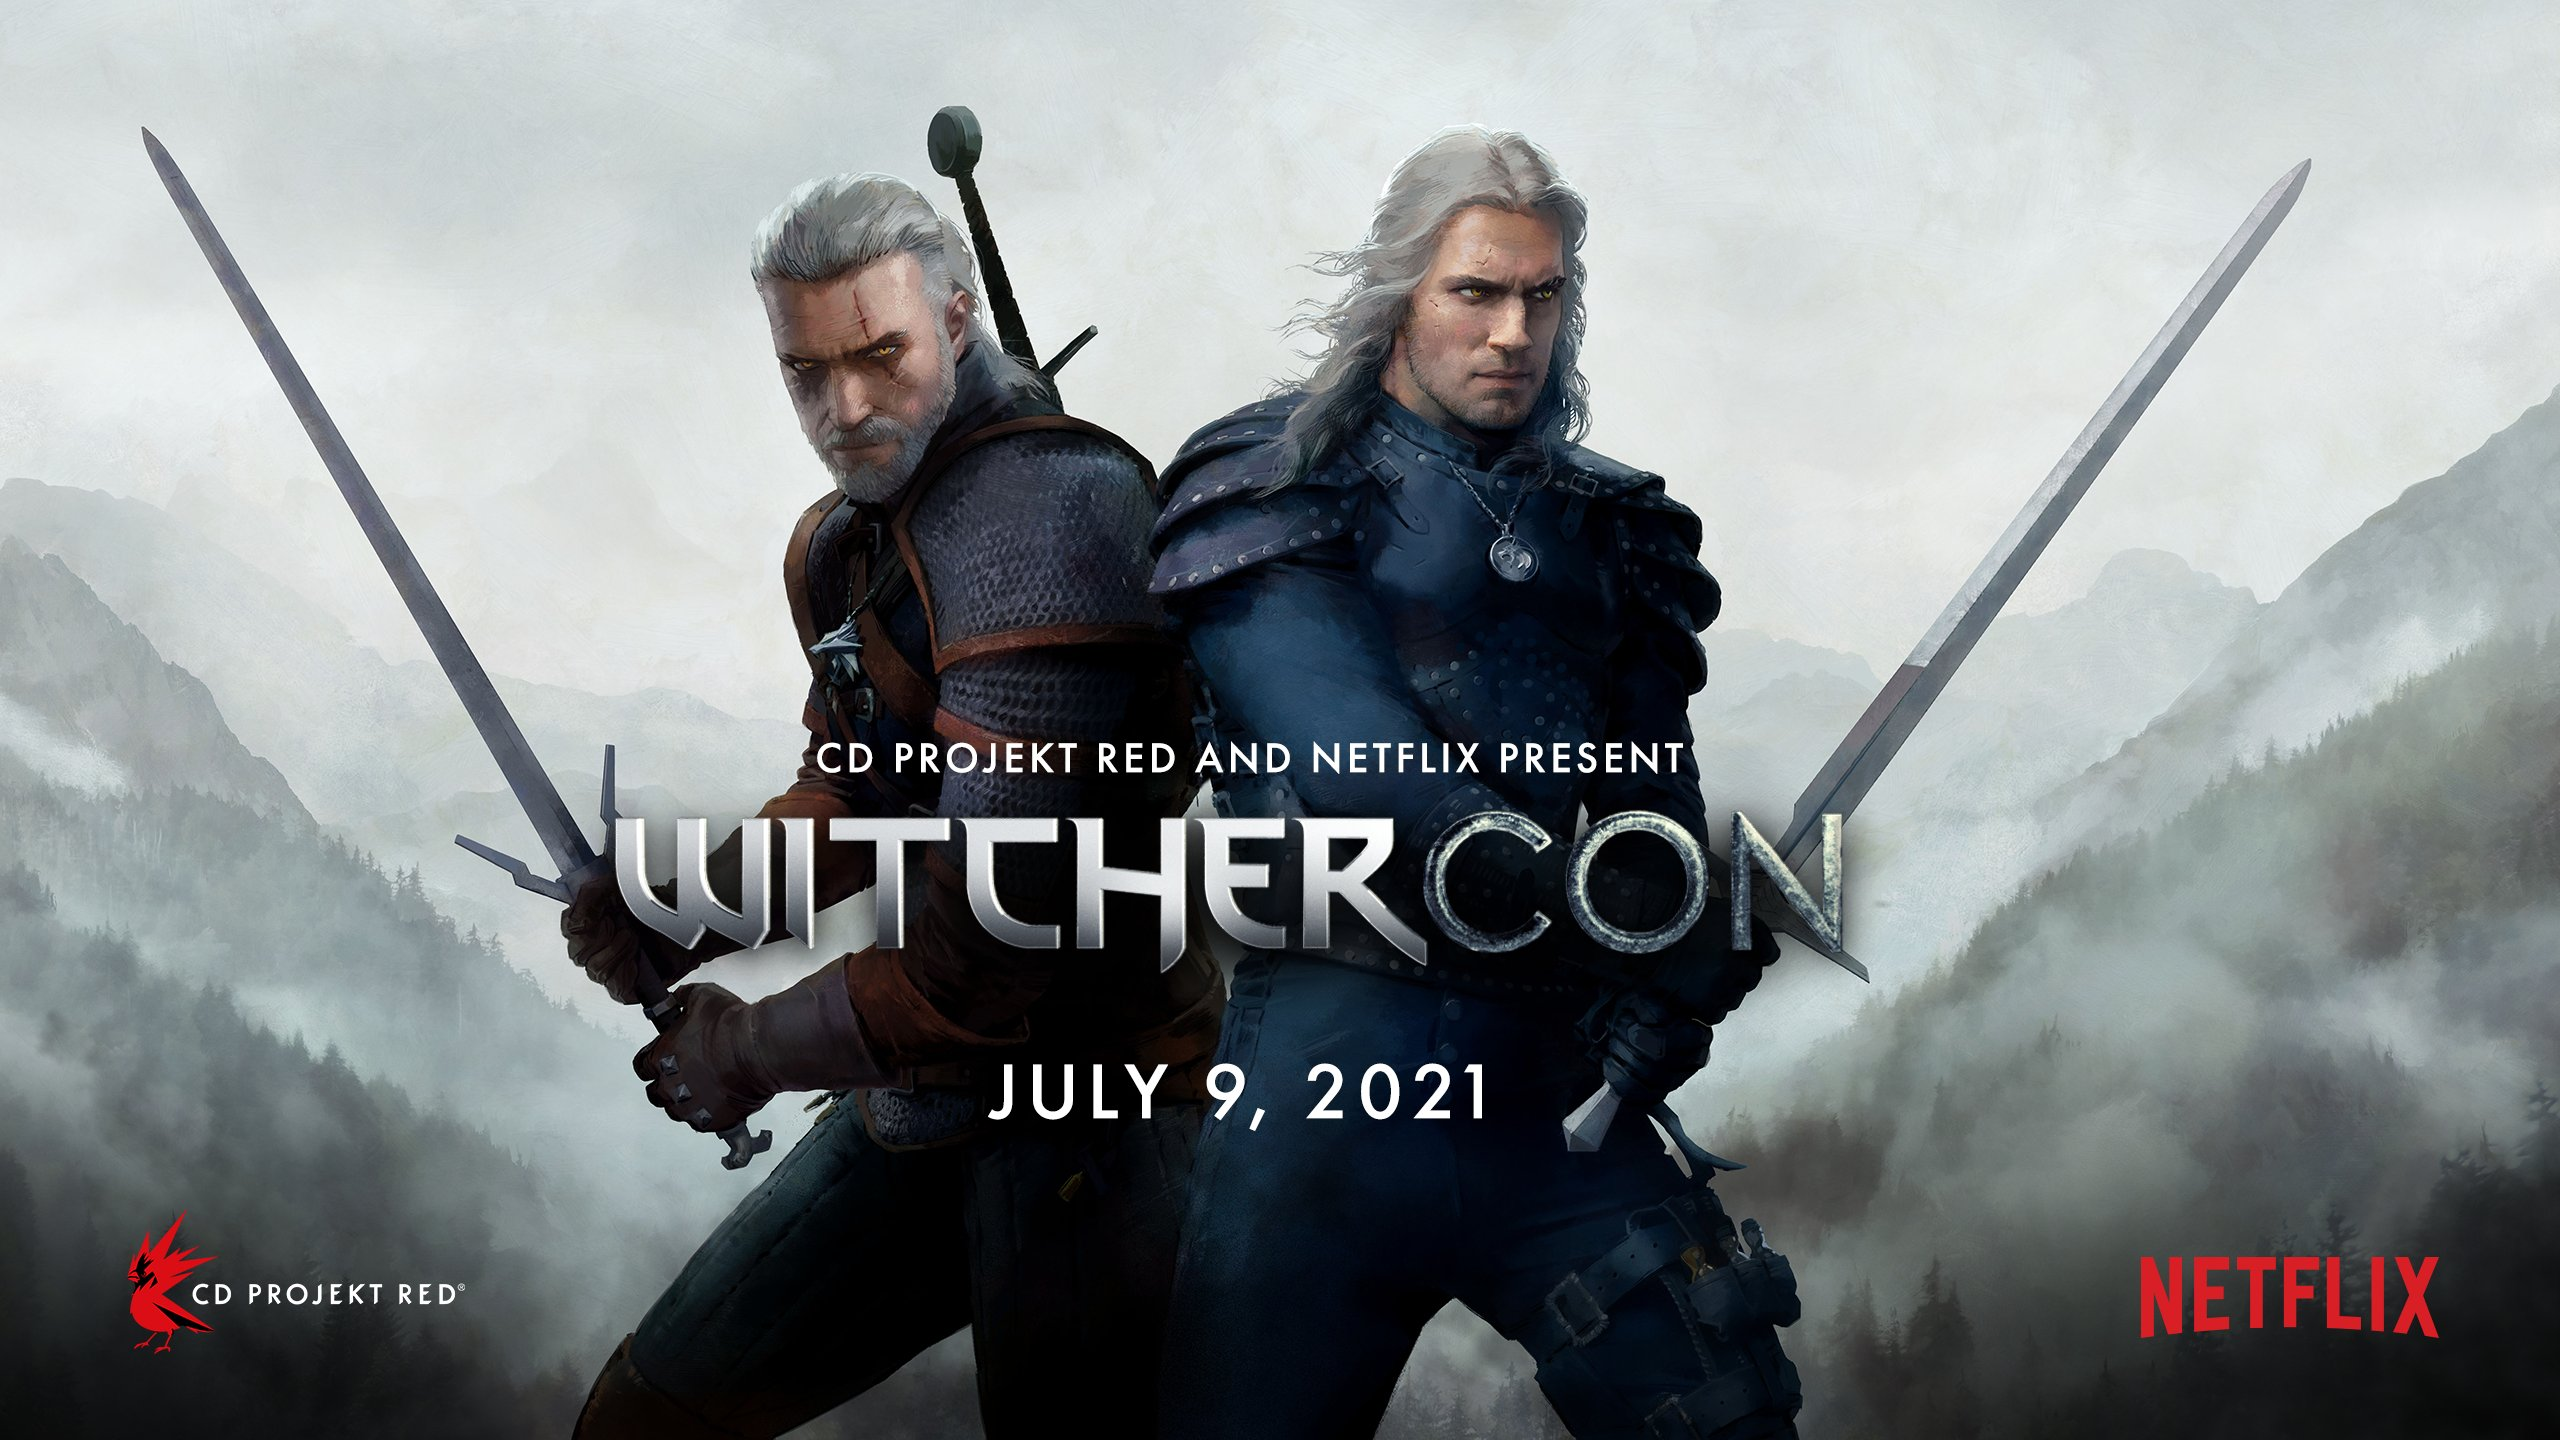 202542-WitcherCon_EN_16_9.jpg